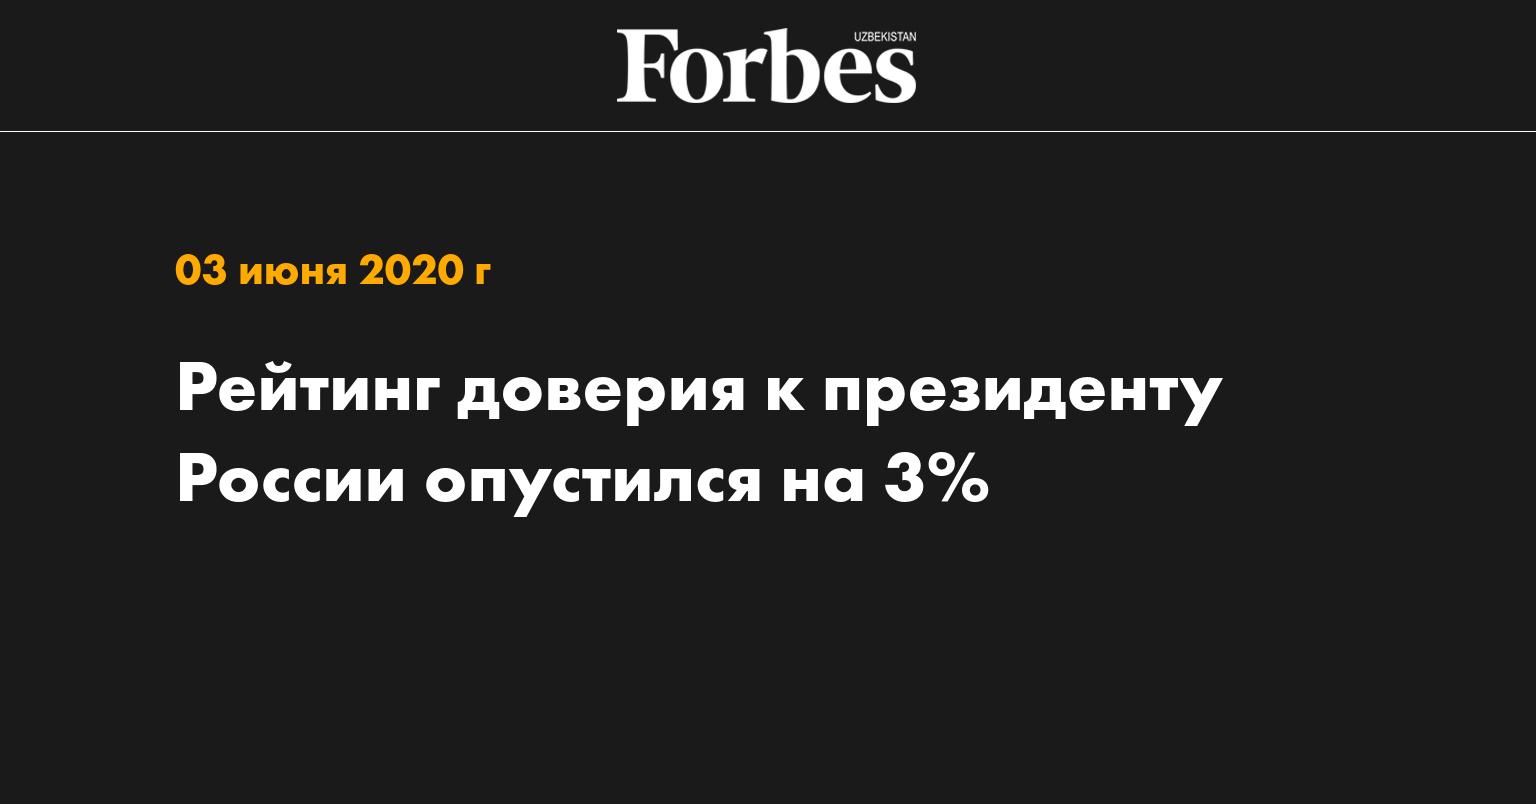 Рейтинг доверия к президенту России опустился на 3%